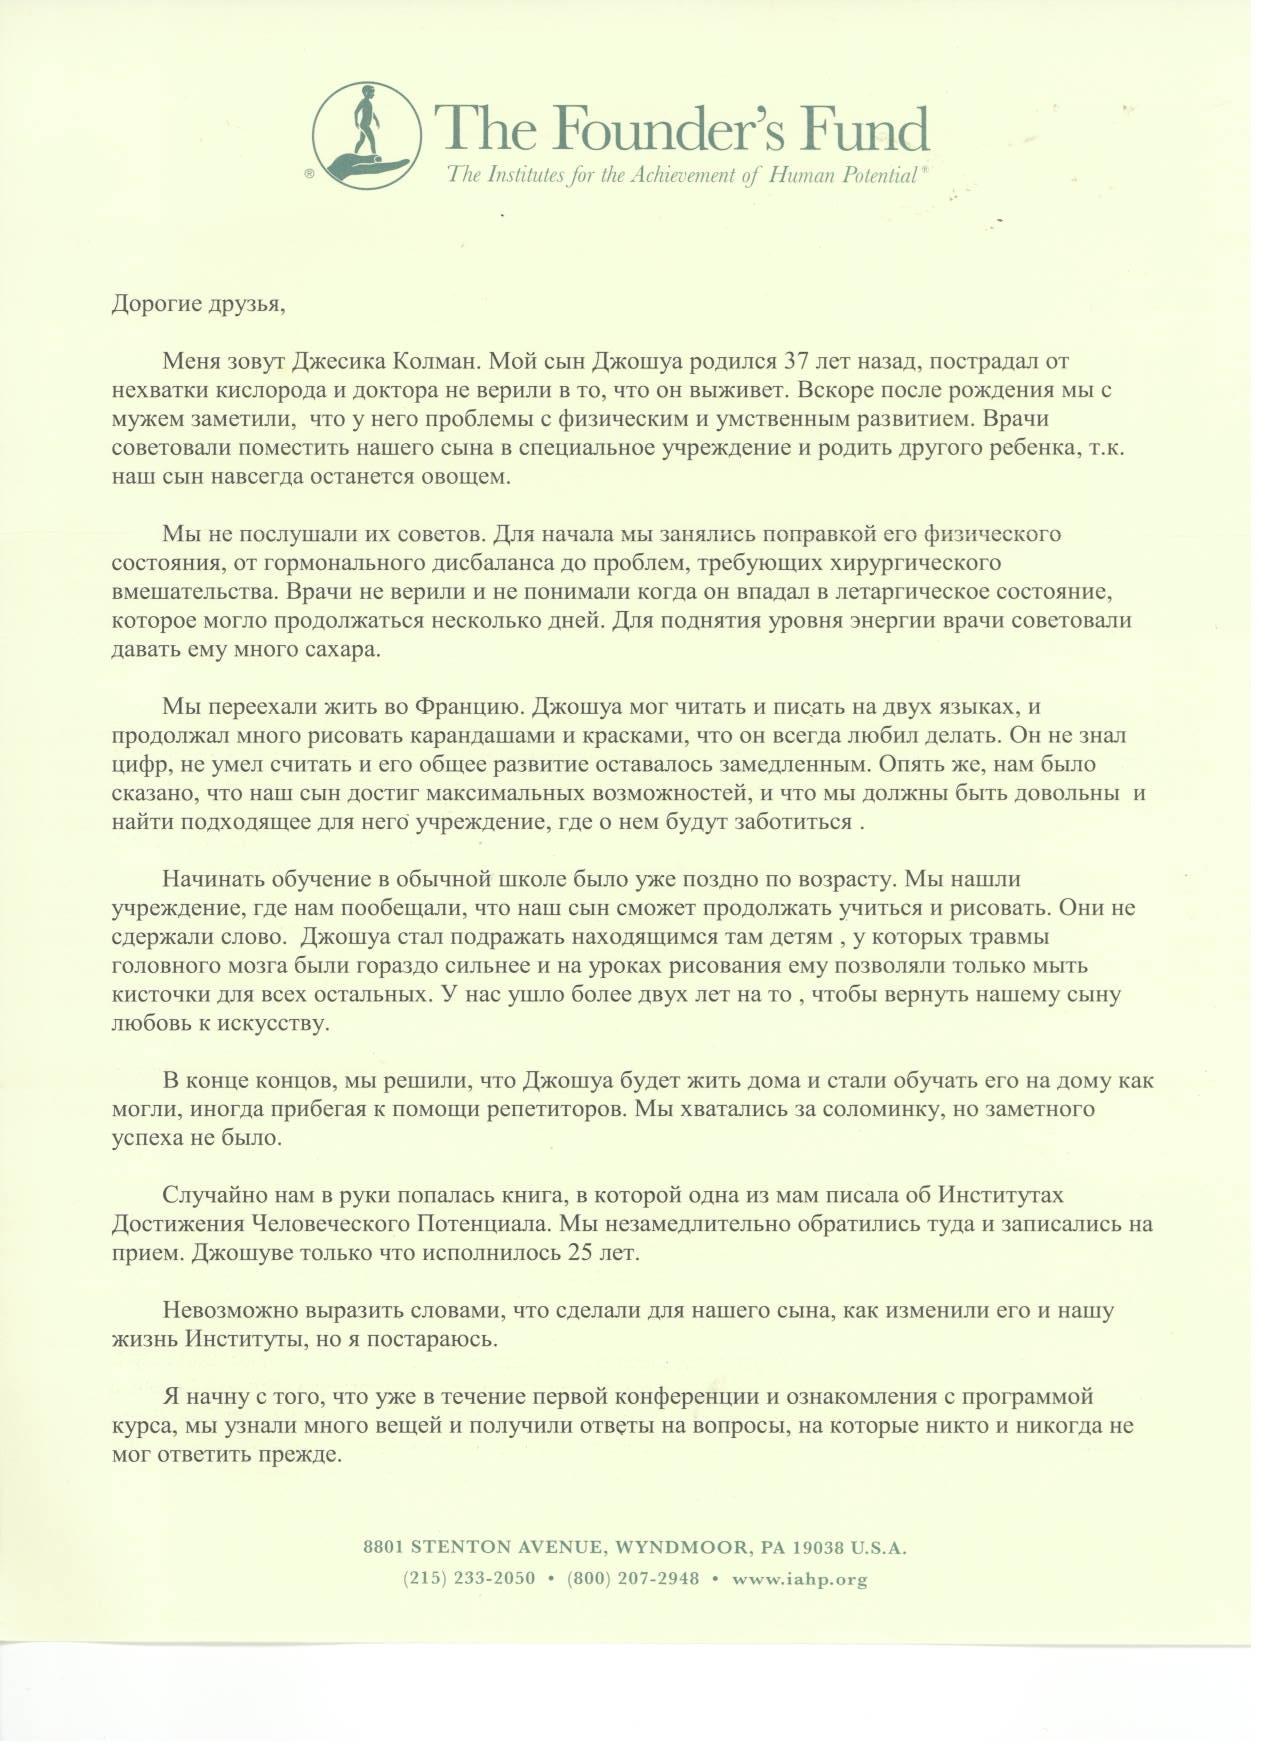 Письмо Джесики Колман